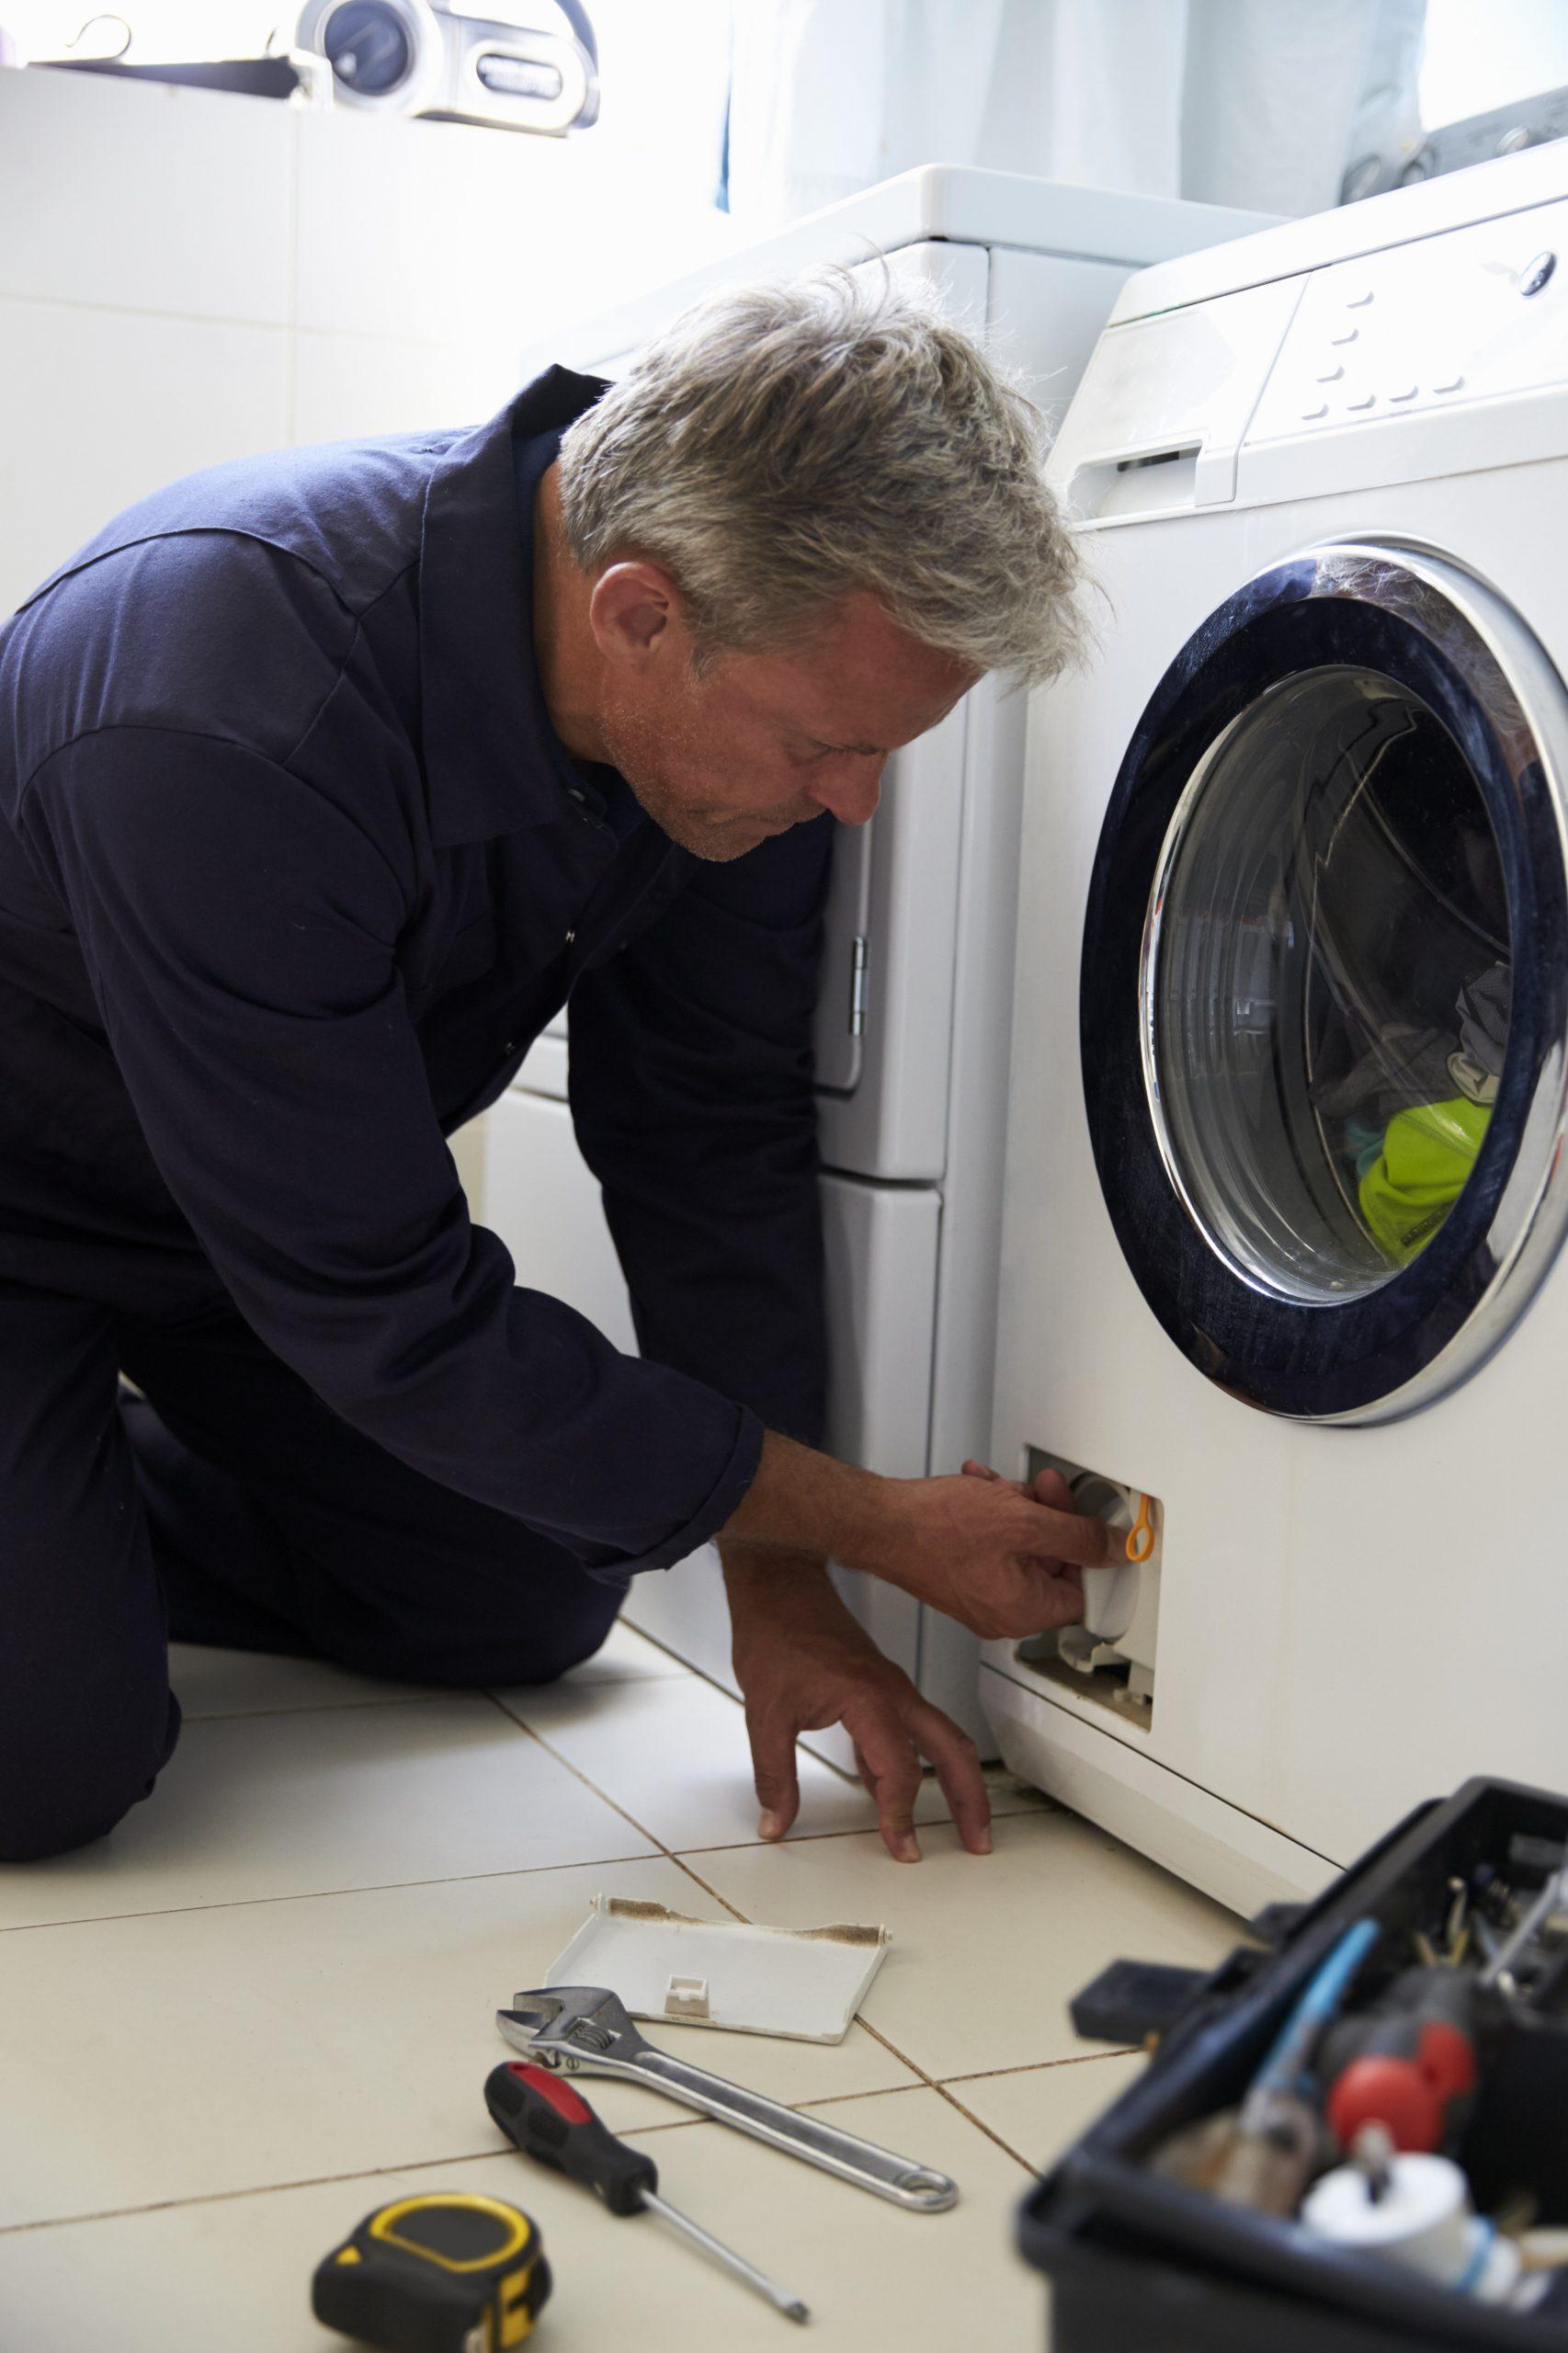 Reparo em Máquina de Lavar Roupa Coimbra